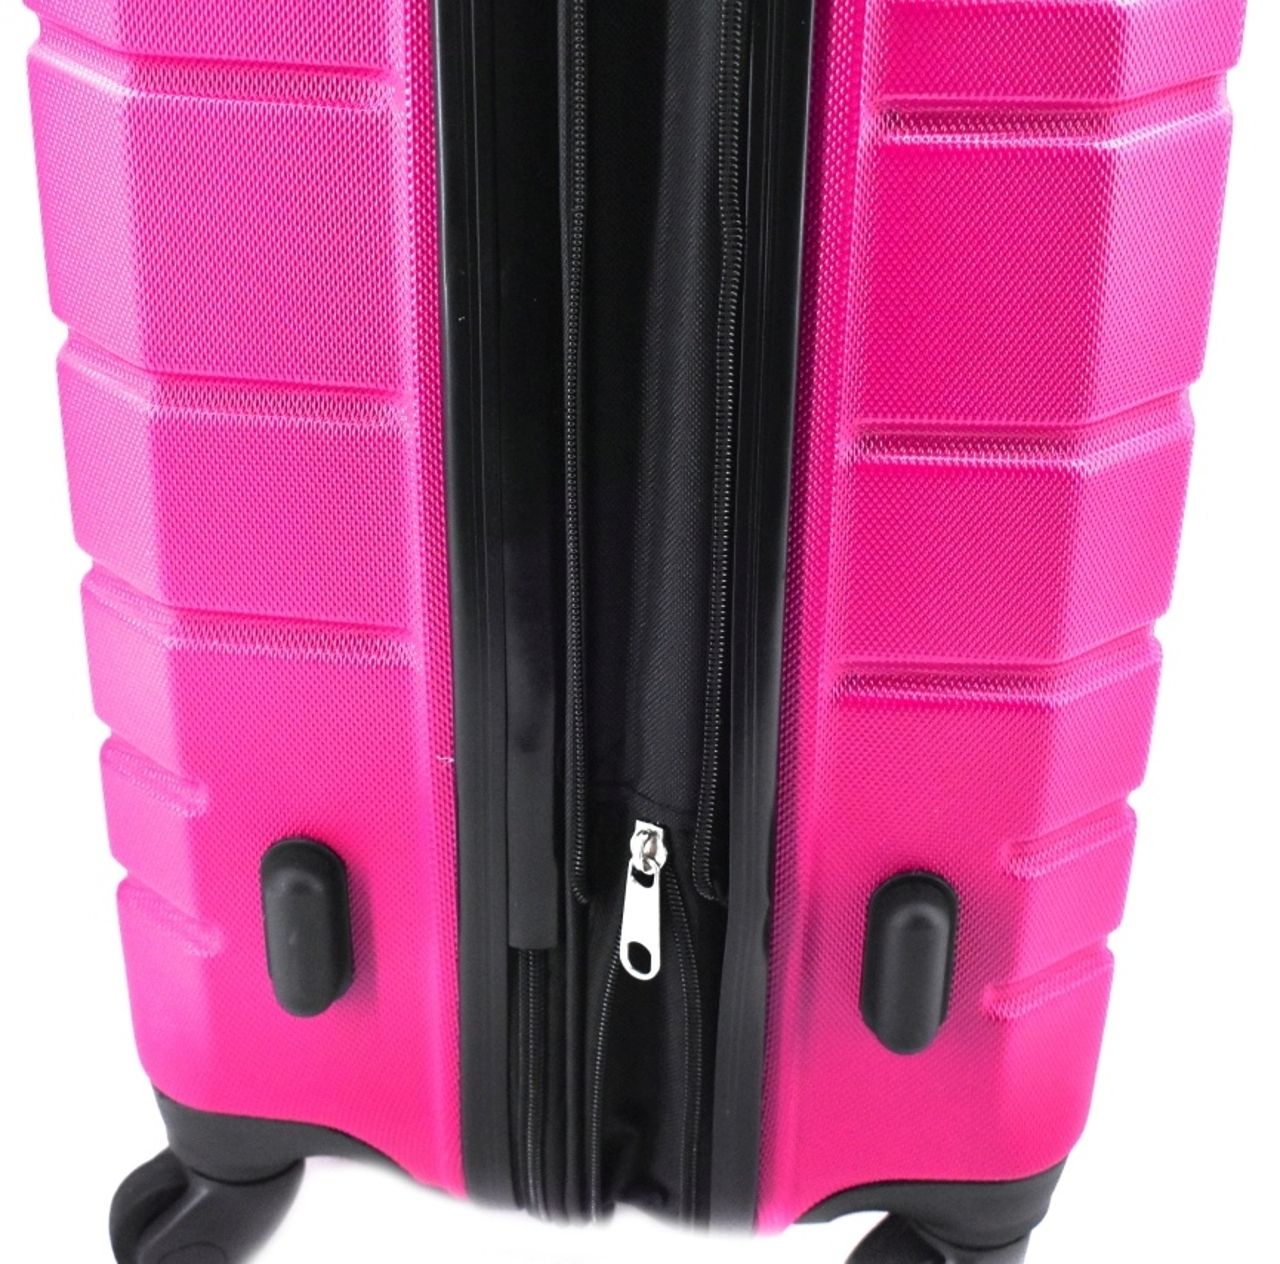 Cestovní palubní kufr skořepinový na čtyřech kolečkách (S) 50l - stříbrná 6015 (S)